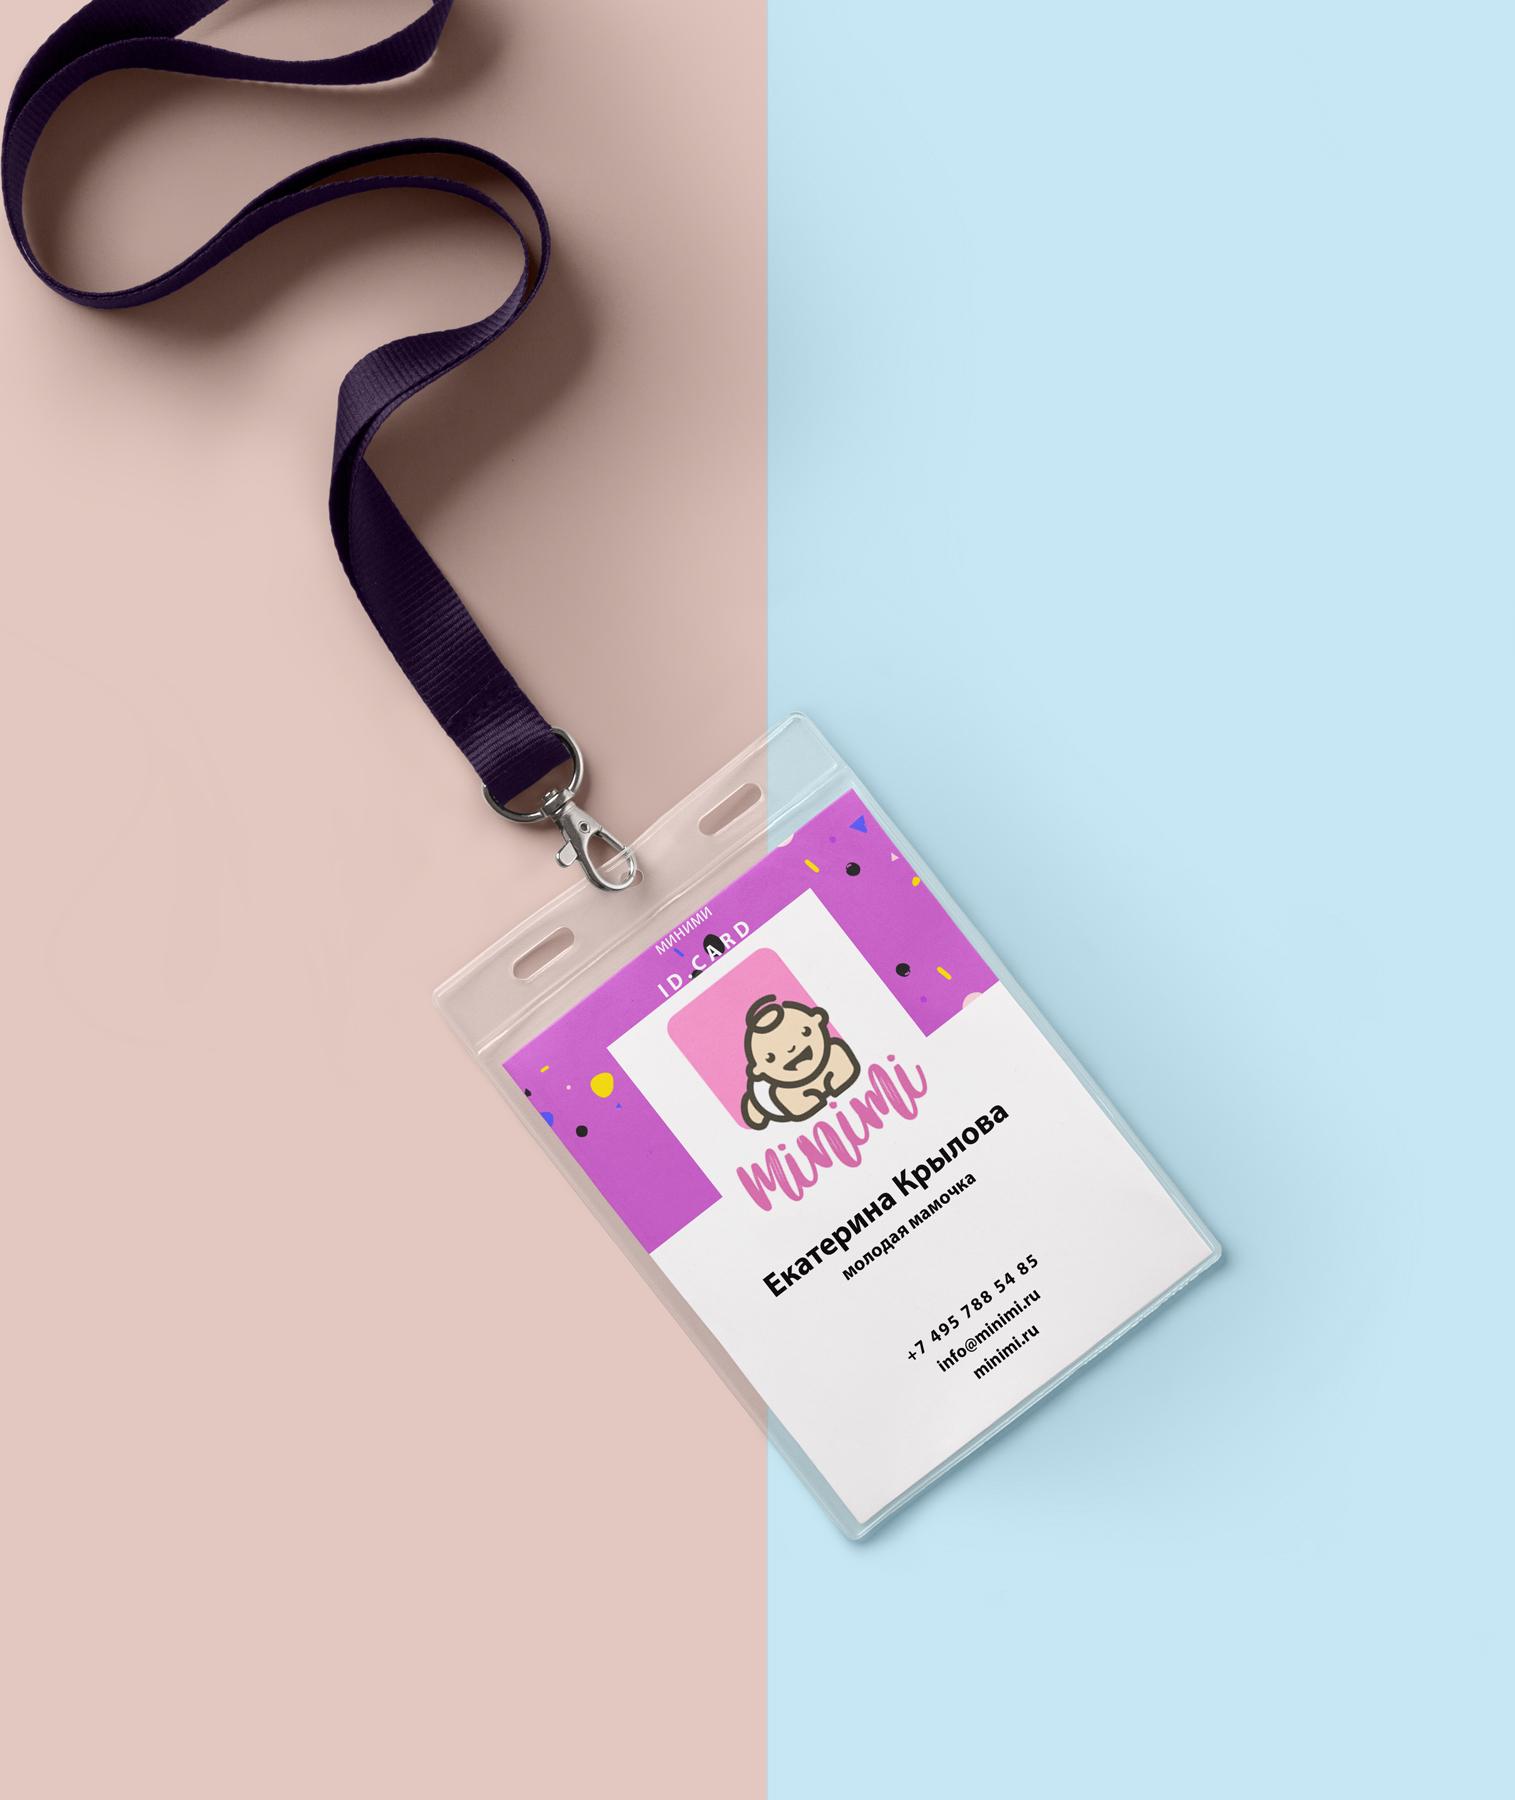 Цель: Разработать логотип детской дизайнерской одежды Мinimi фото f_3885b2521aacb9e4.jpg